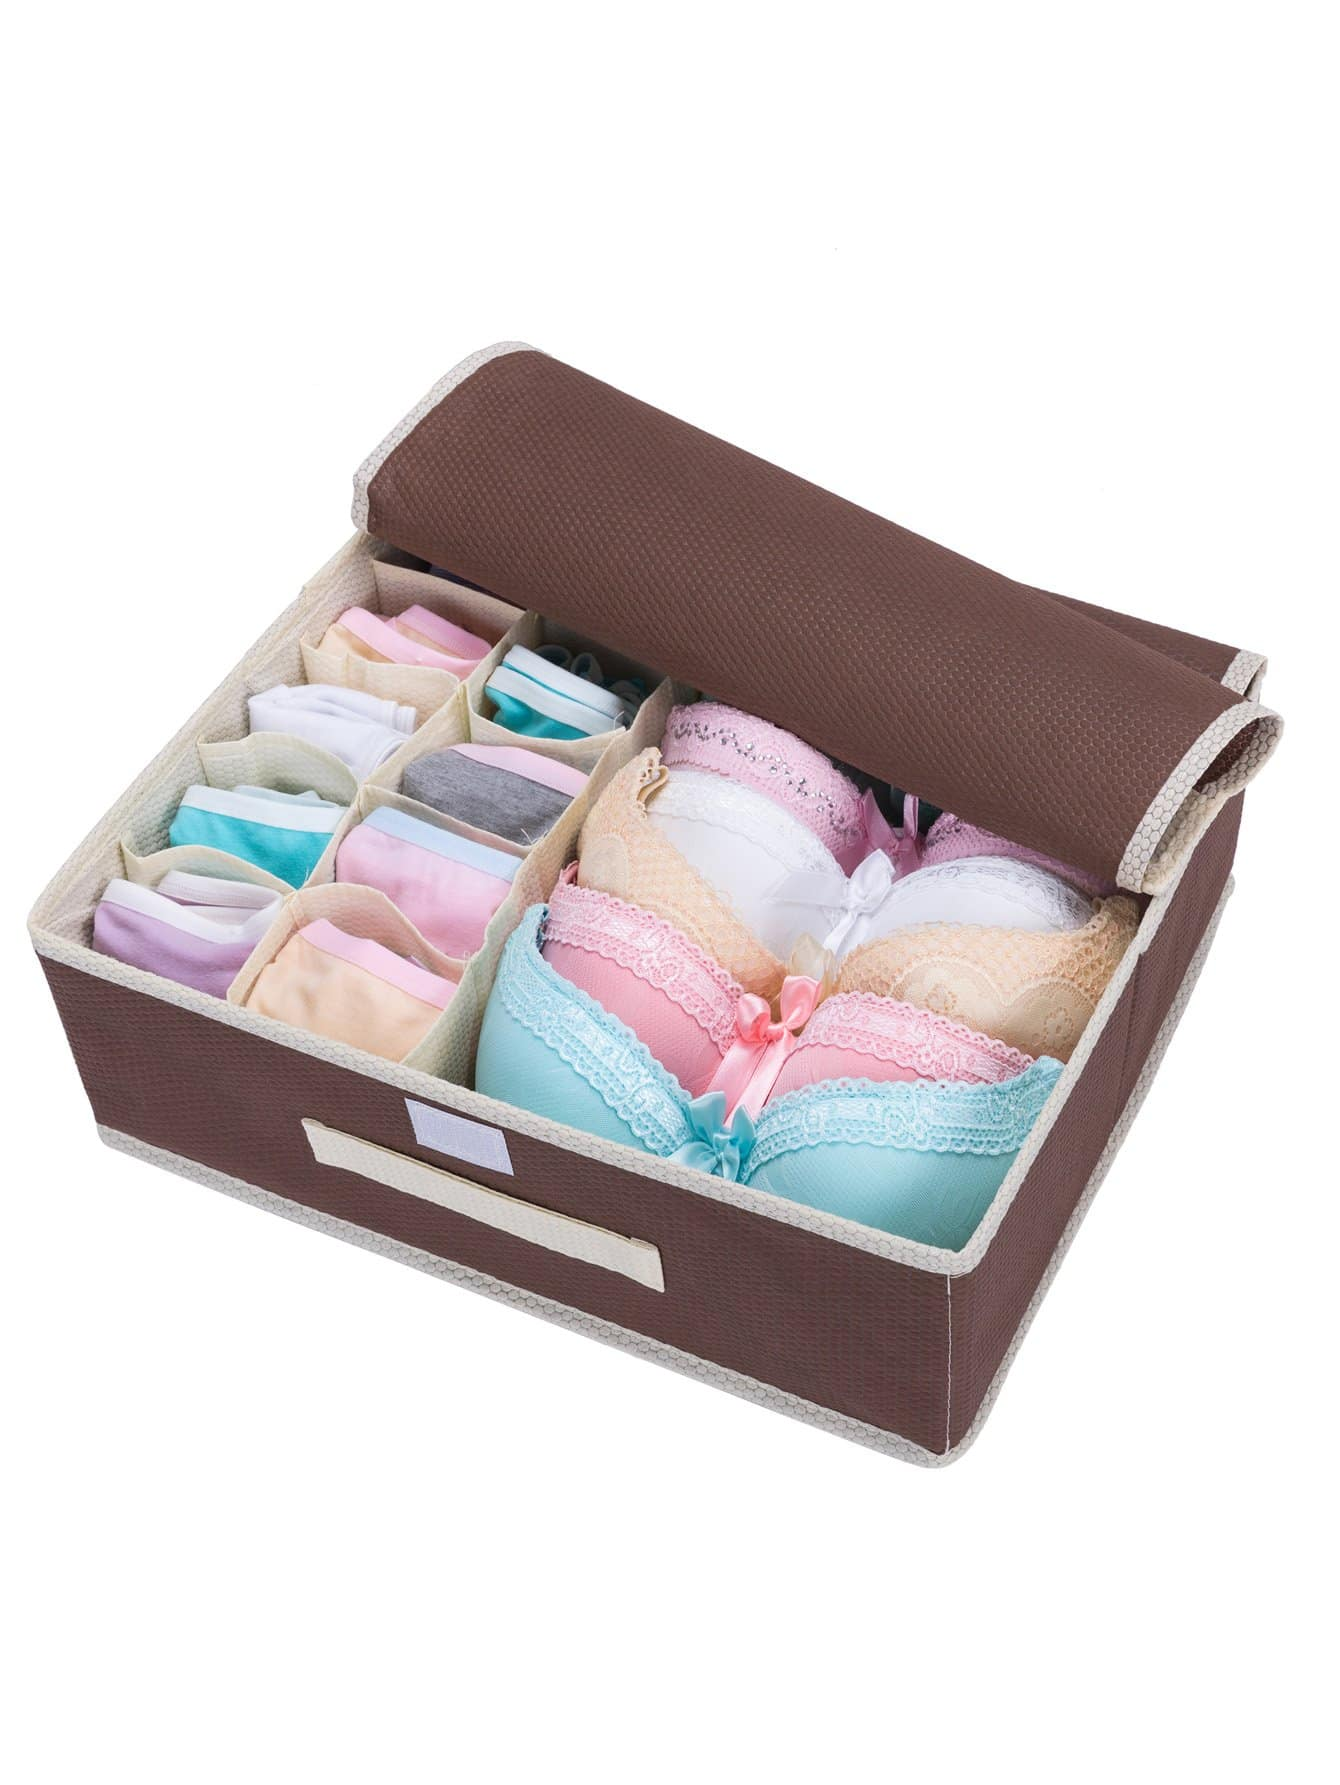 11 Compartment Underwear Organizer